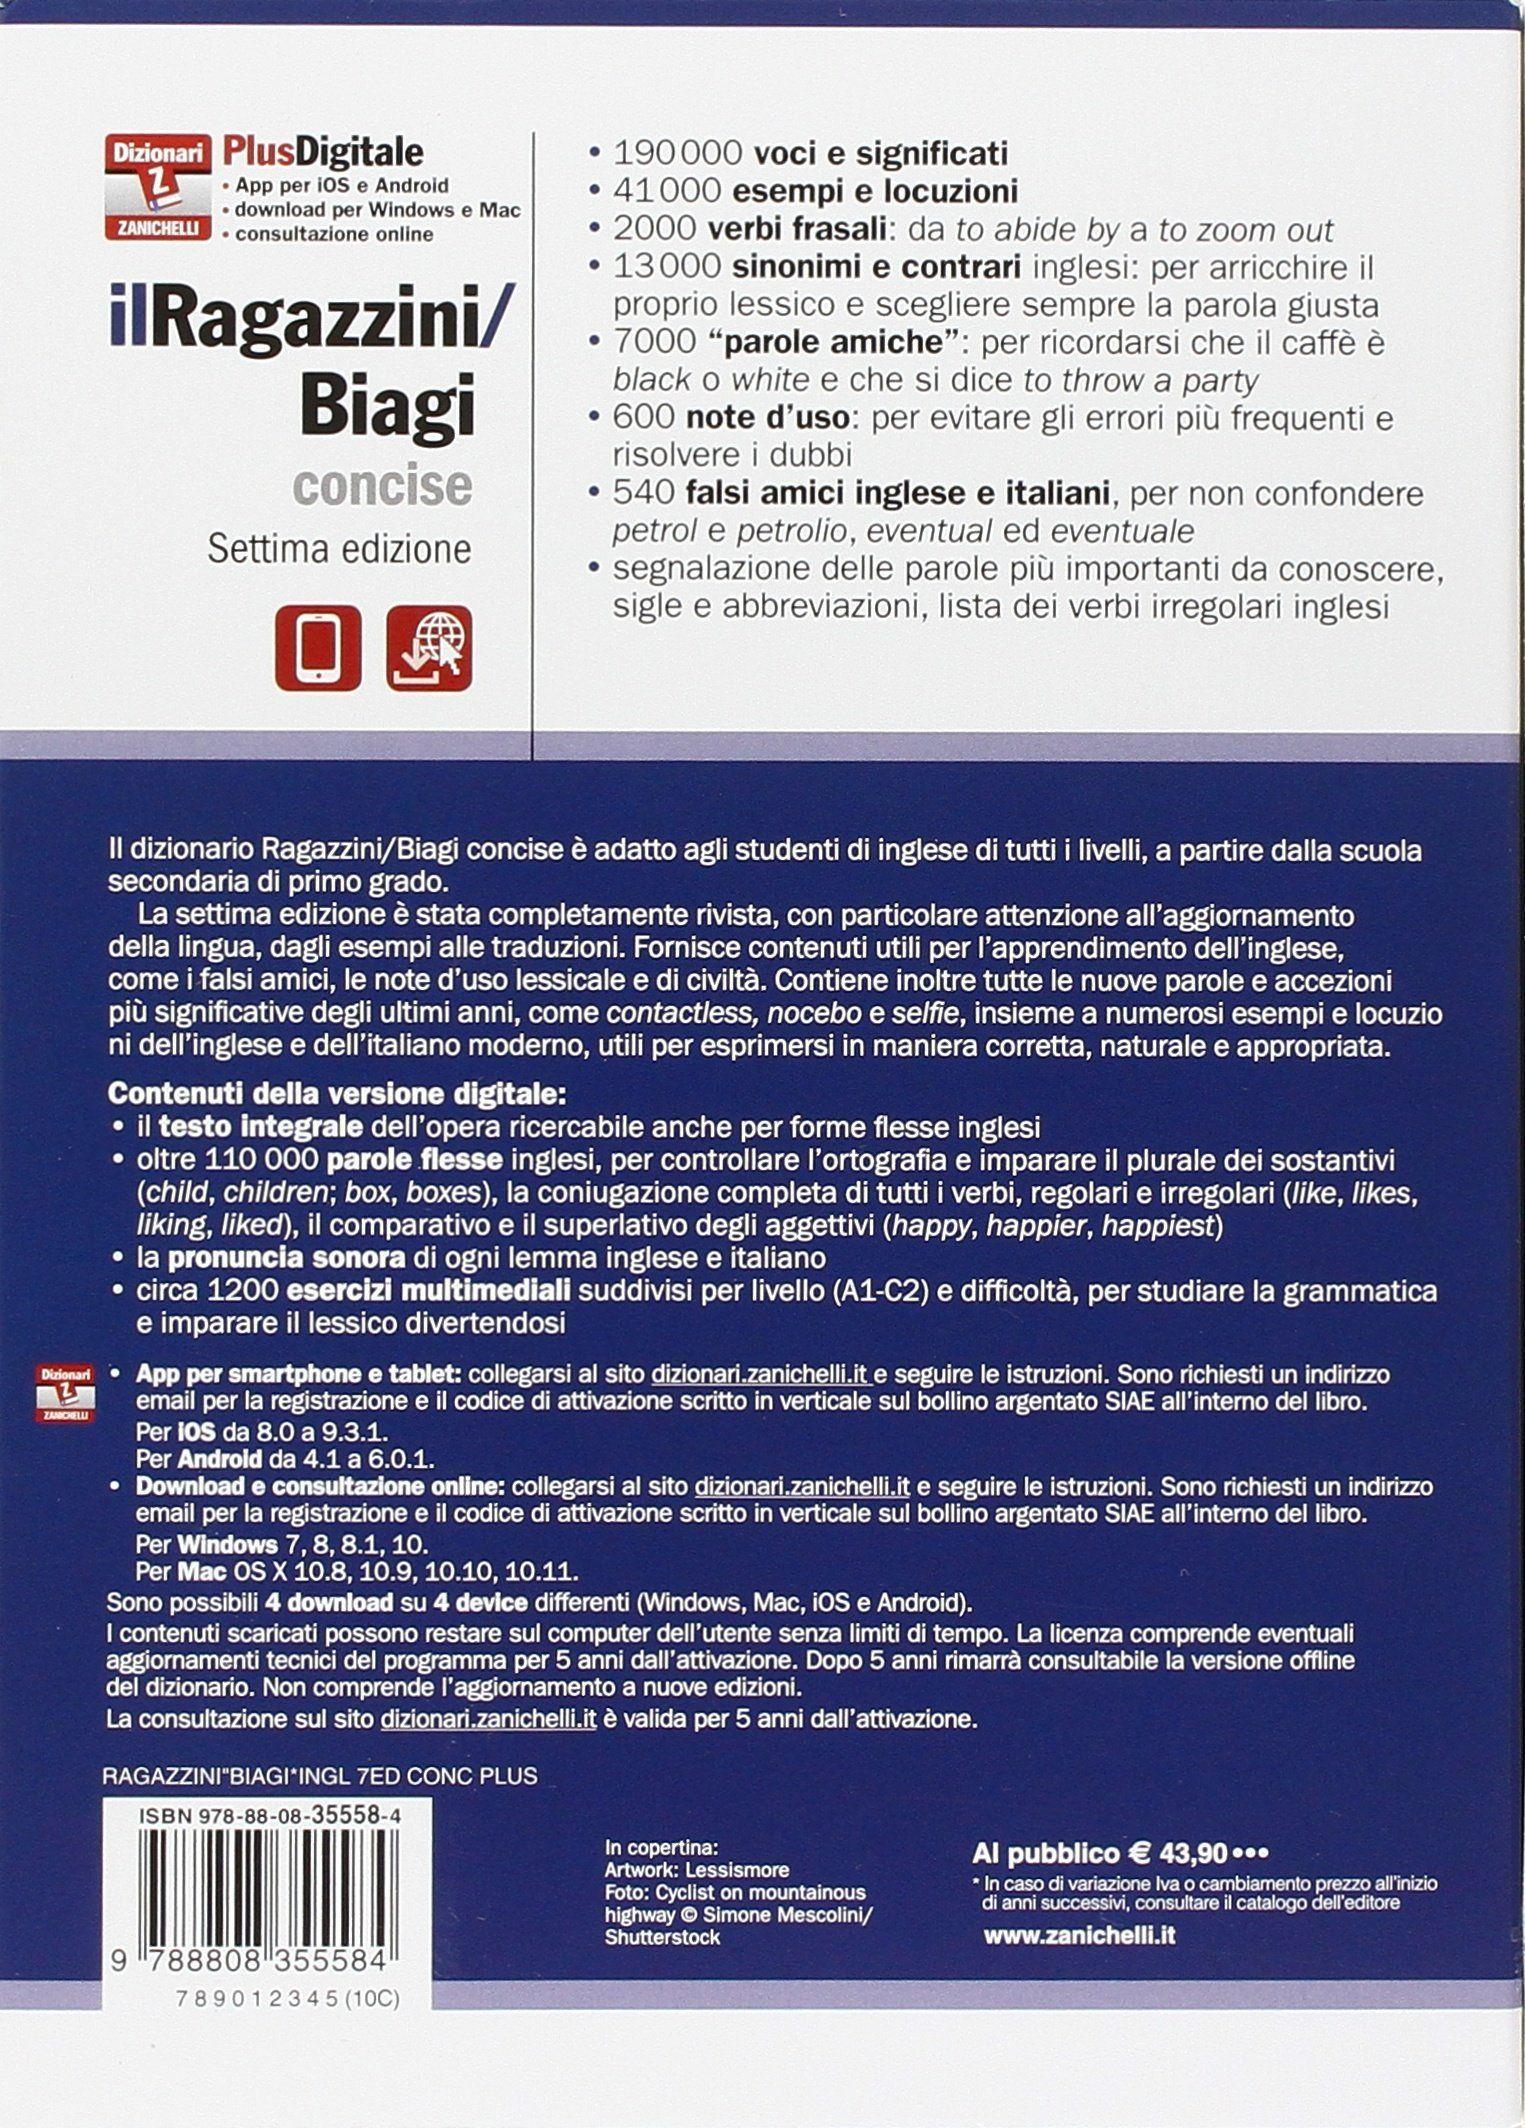 Dizionario inglese-italiano Italian-English dictionary Con Contenuto digitale Il Ragazzini//Biagi Concise Plus digitale fornito elettronicamente